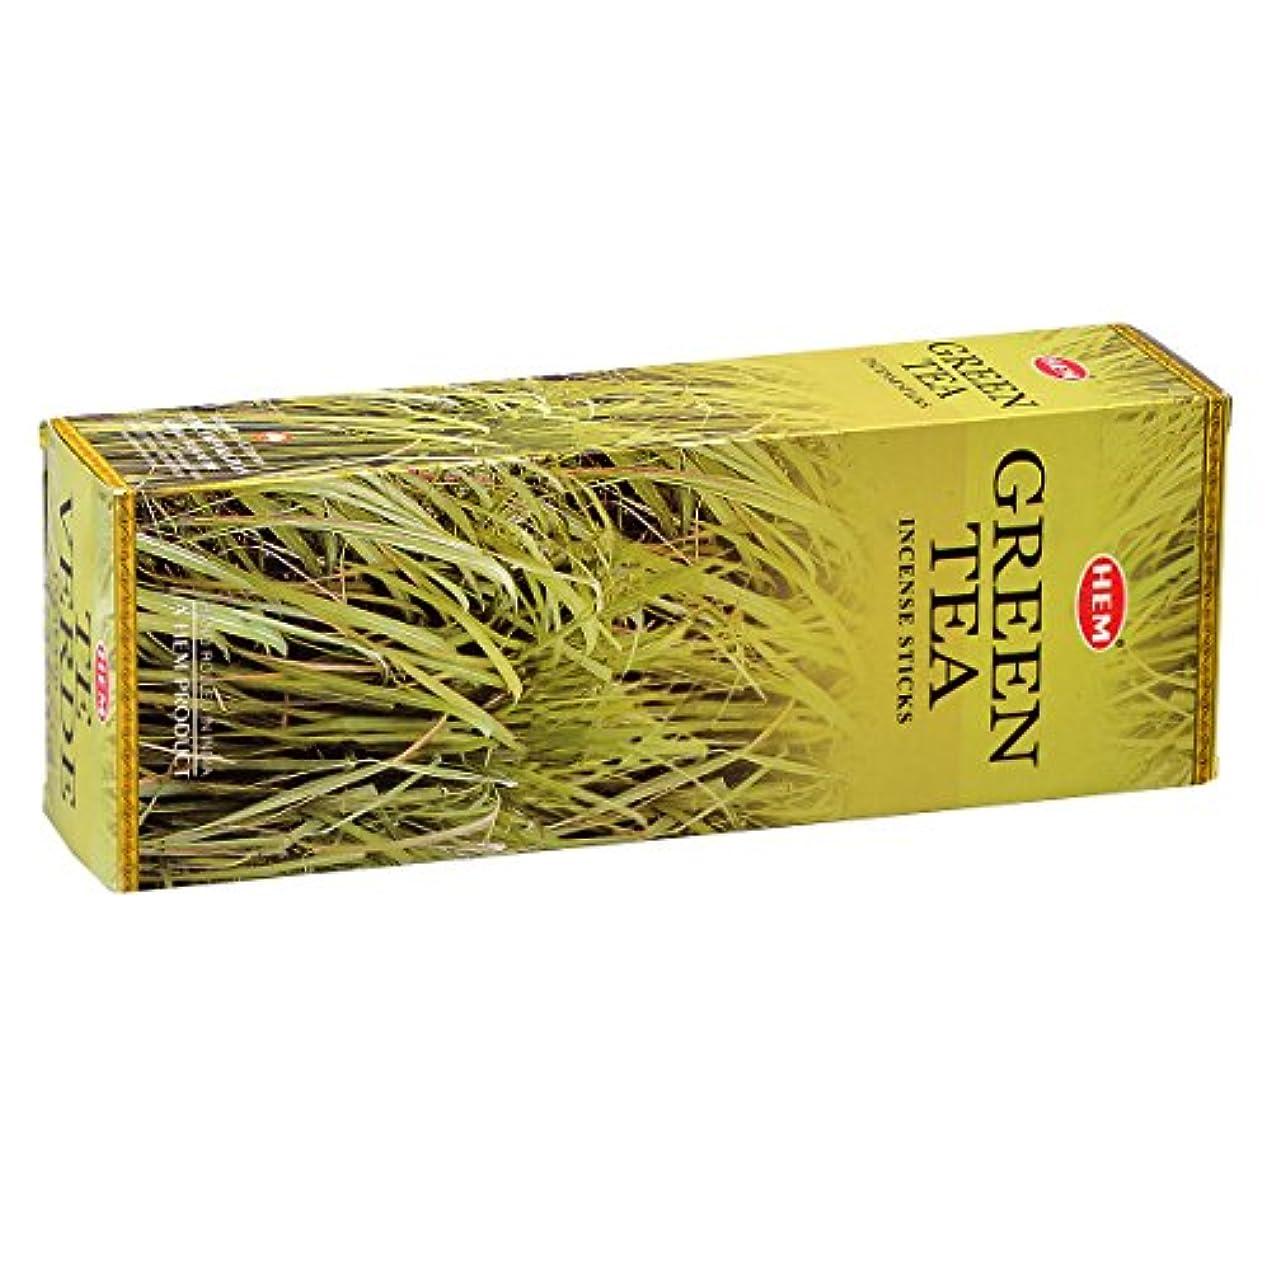 民間人自分の力ですべてをする薄いHEM(ヘム) グリーン ティー GREEN TEA スティックタイプ お香 6筒 セット [並行輸入品]